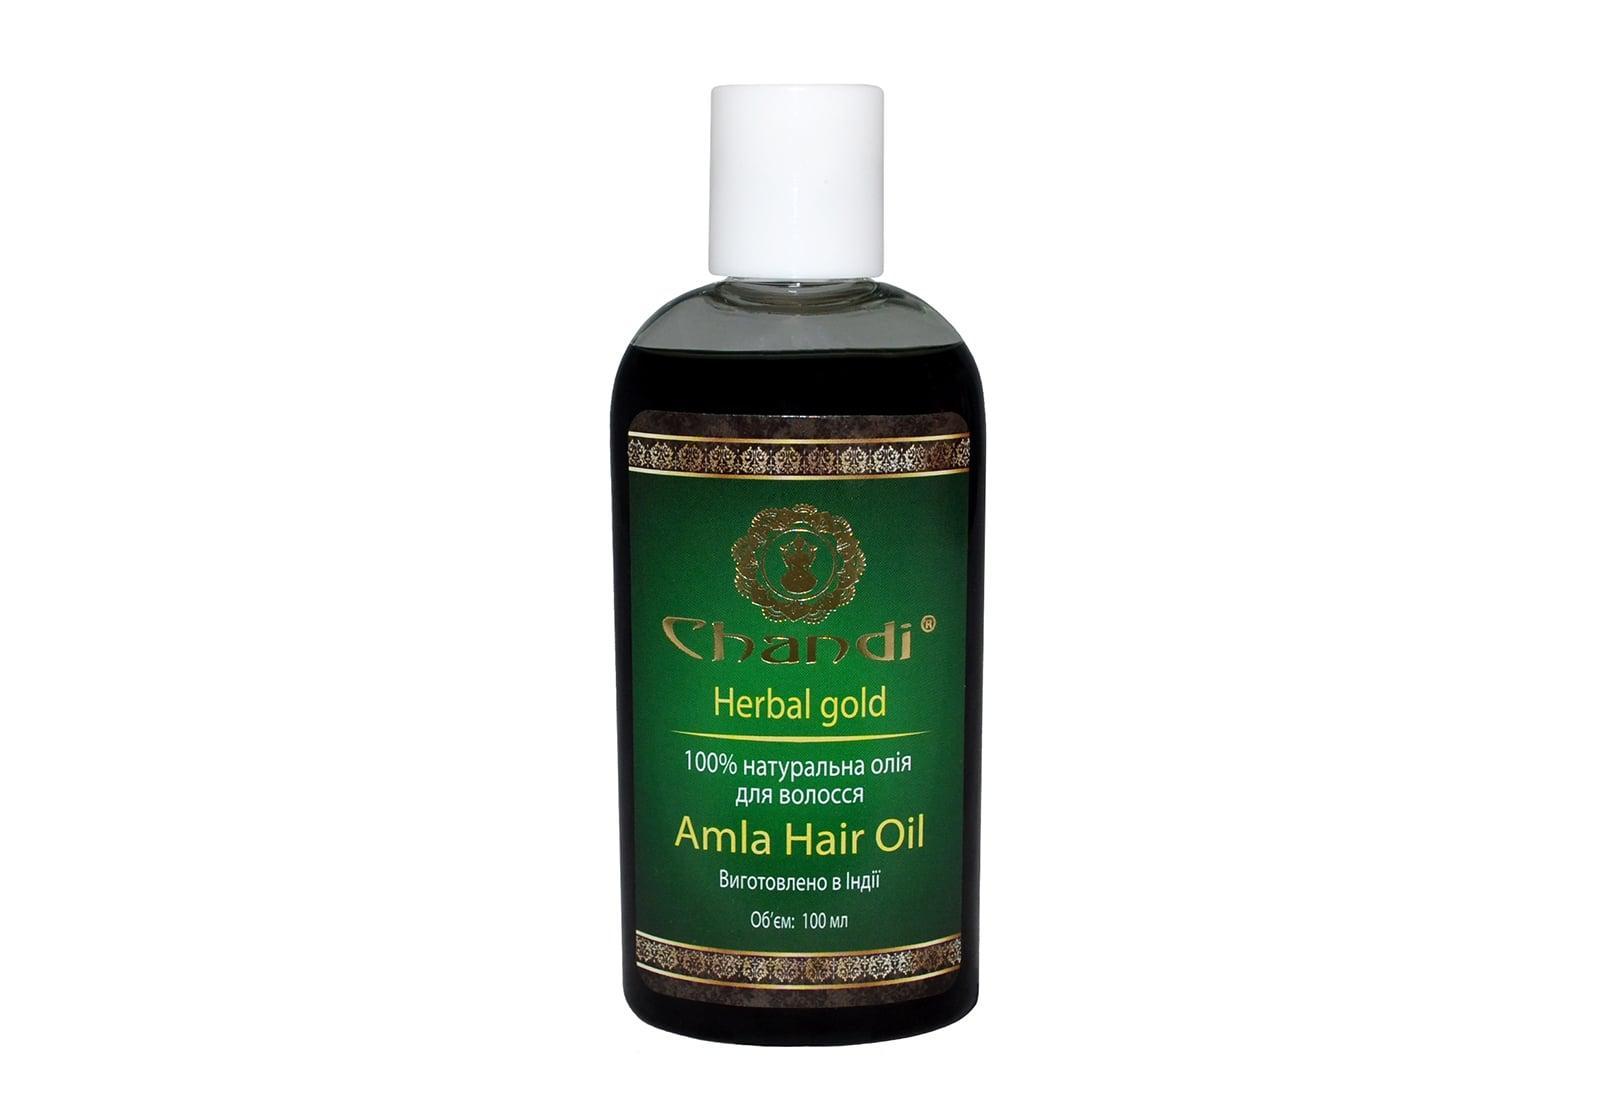 """Фото Натуральное масло для волос """"Амла"""" Chandi 100 мл"""